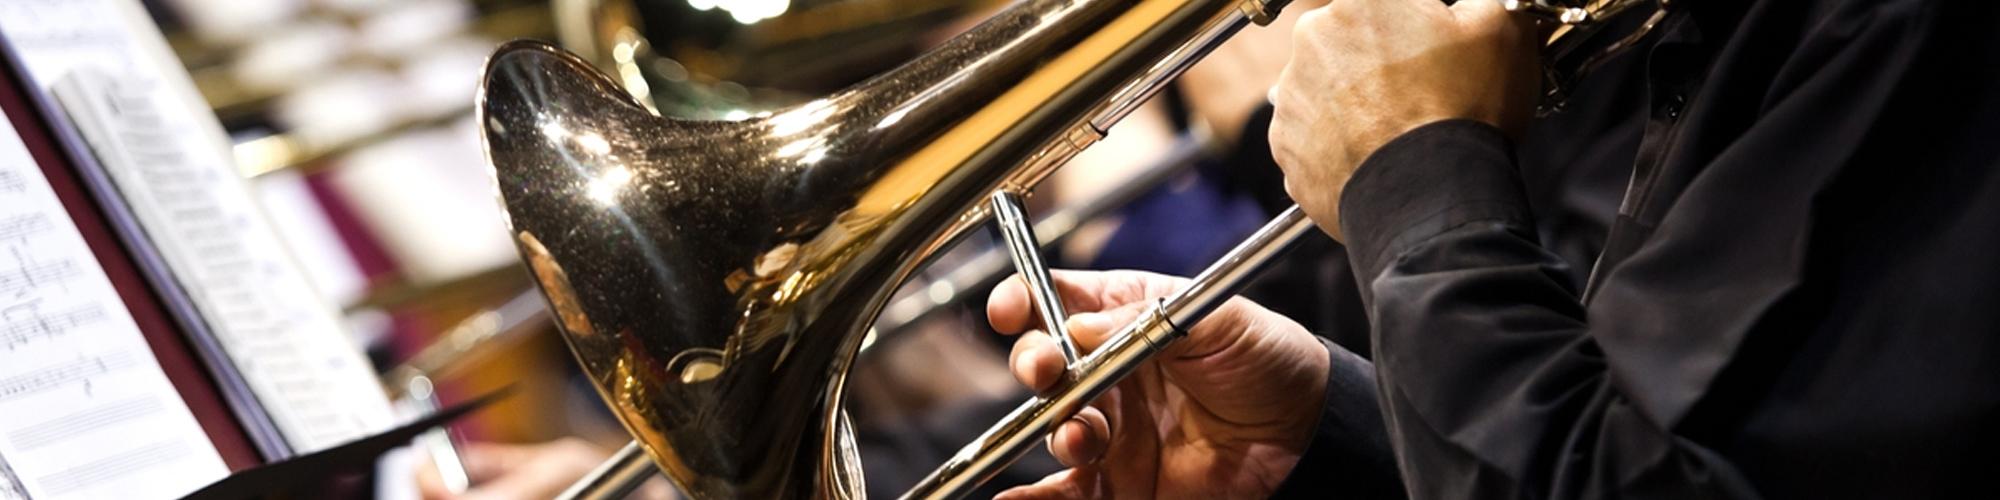 musicos tocando trombon